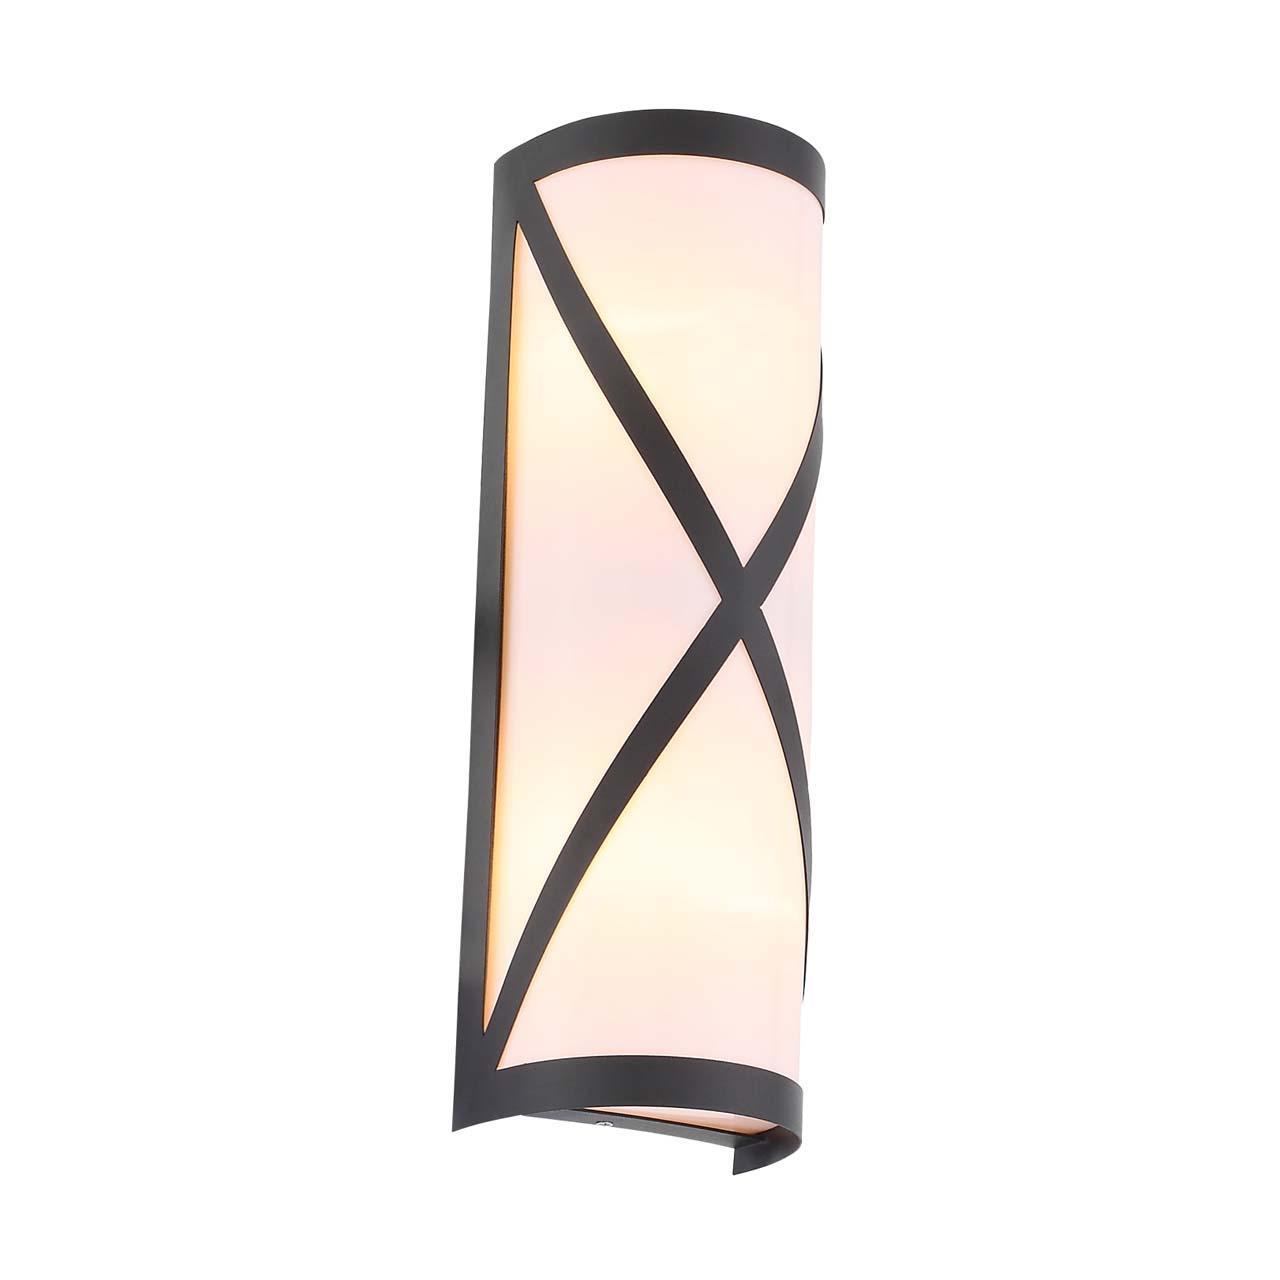 Уличный настенный светильник Agio черного цвета